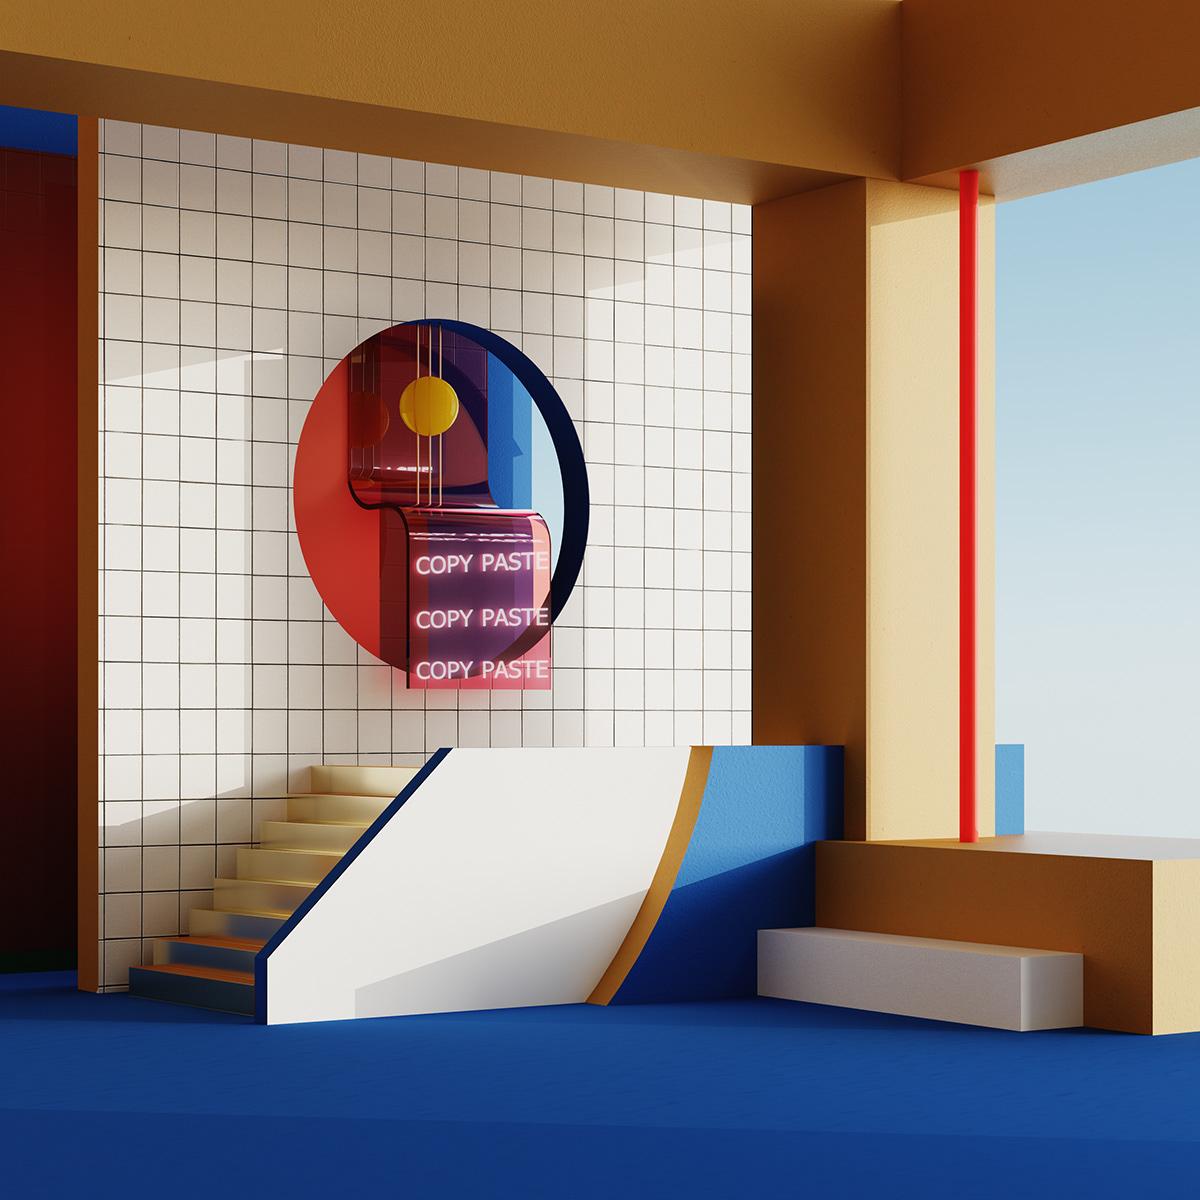 3D 3dsmax art direction  CGI creative design dreamscapes FStorm Interior spaces